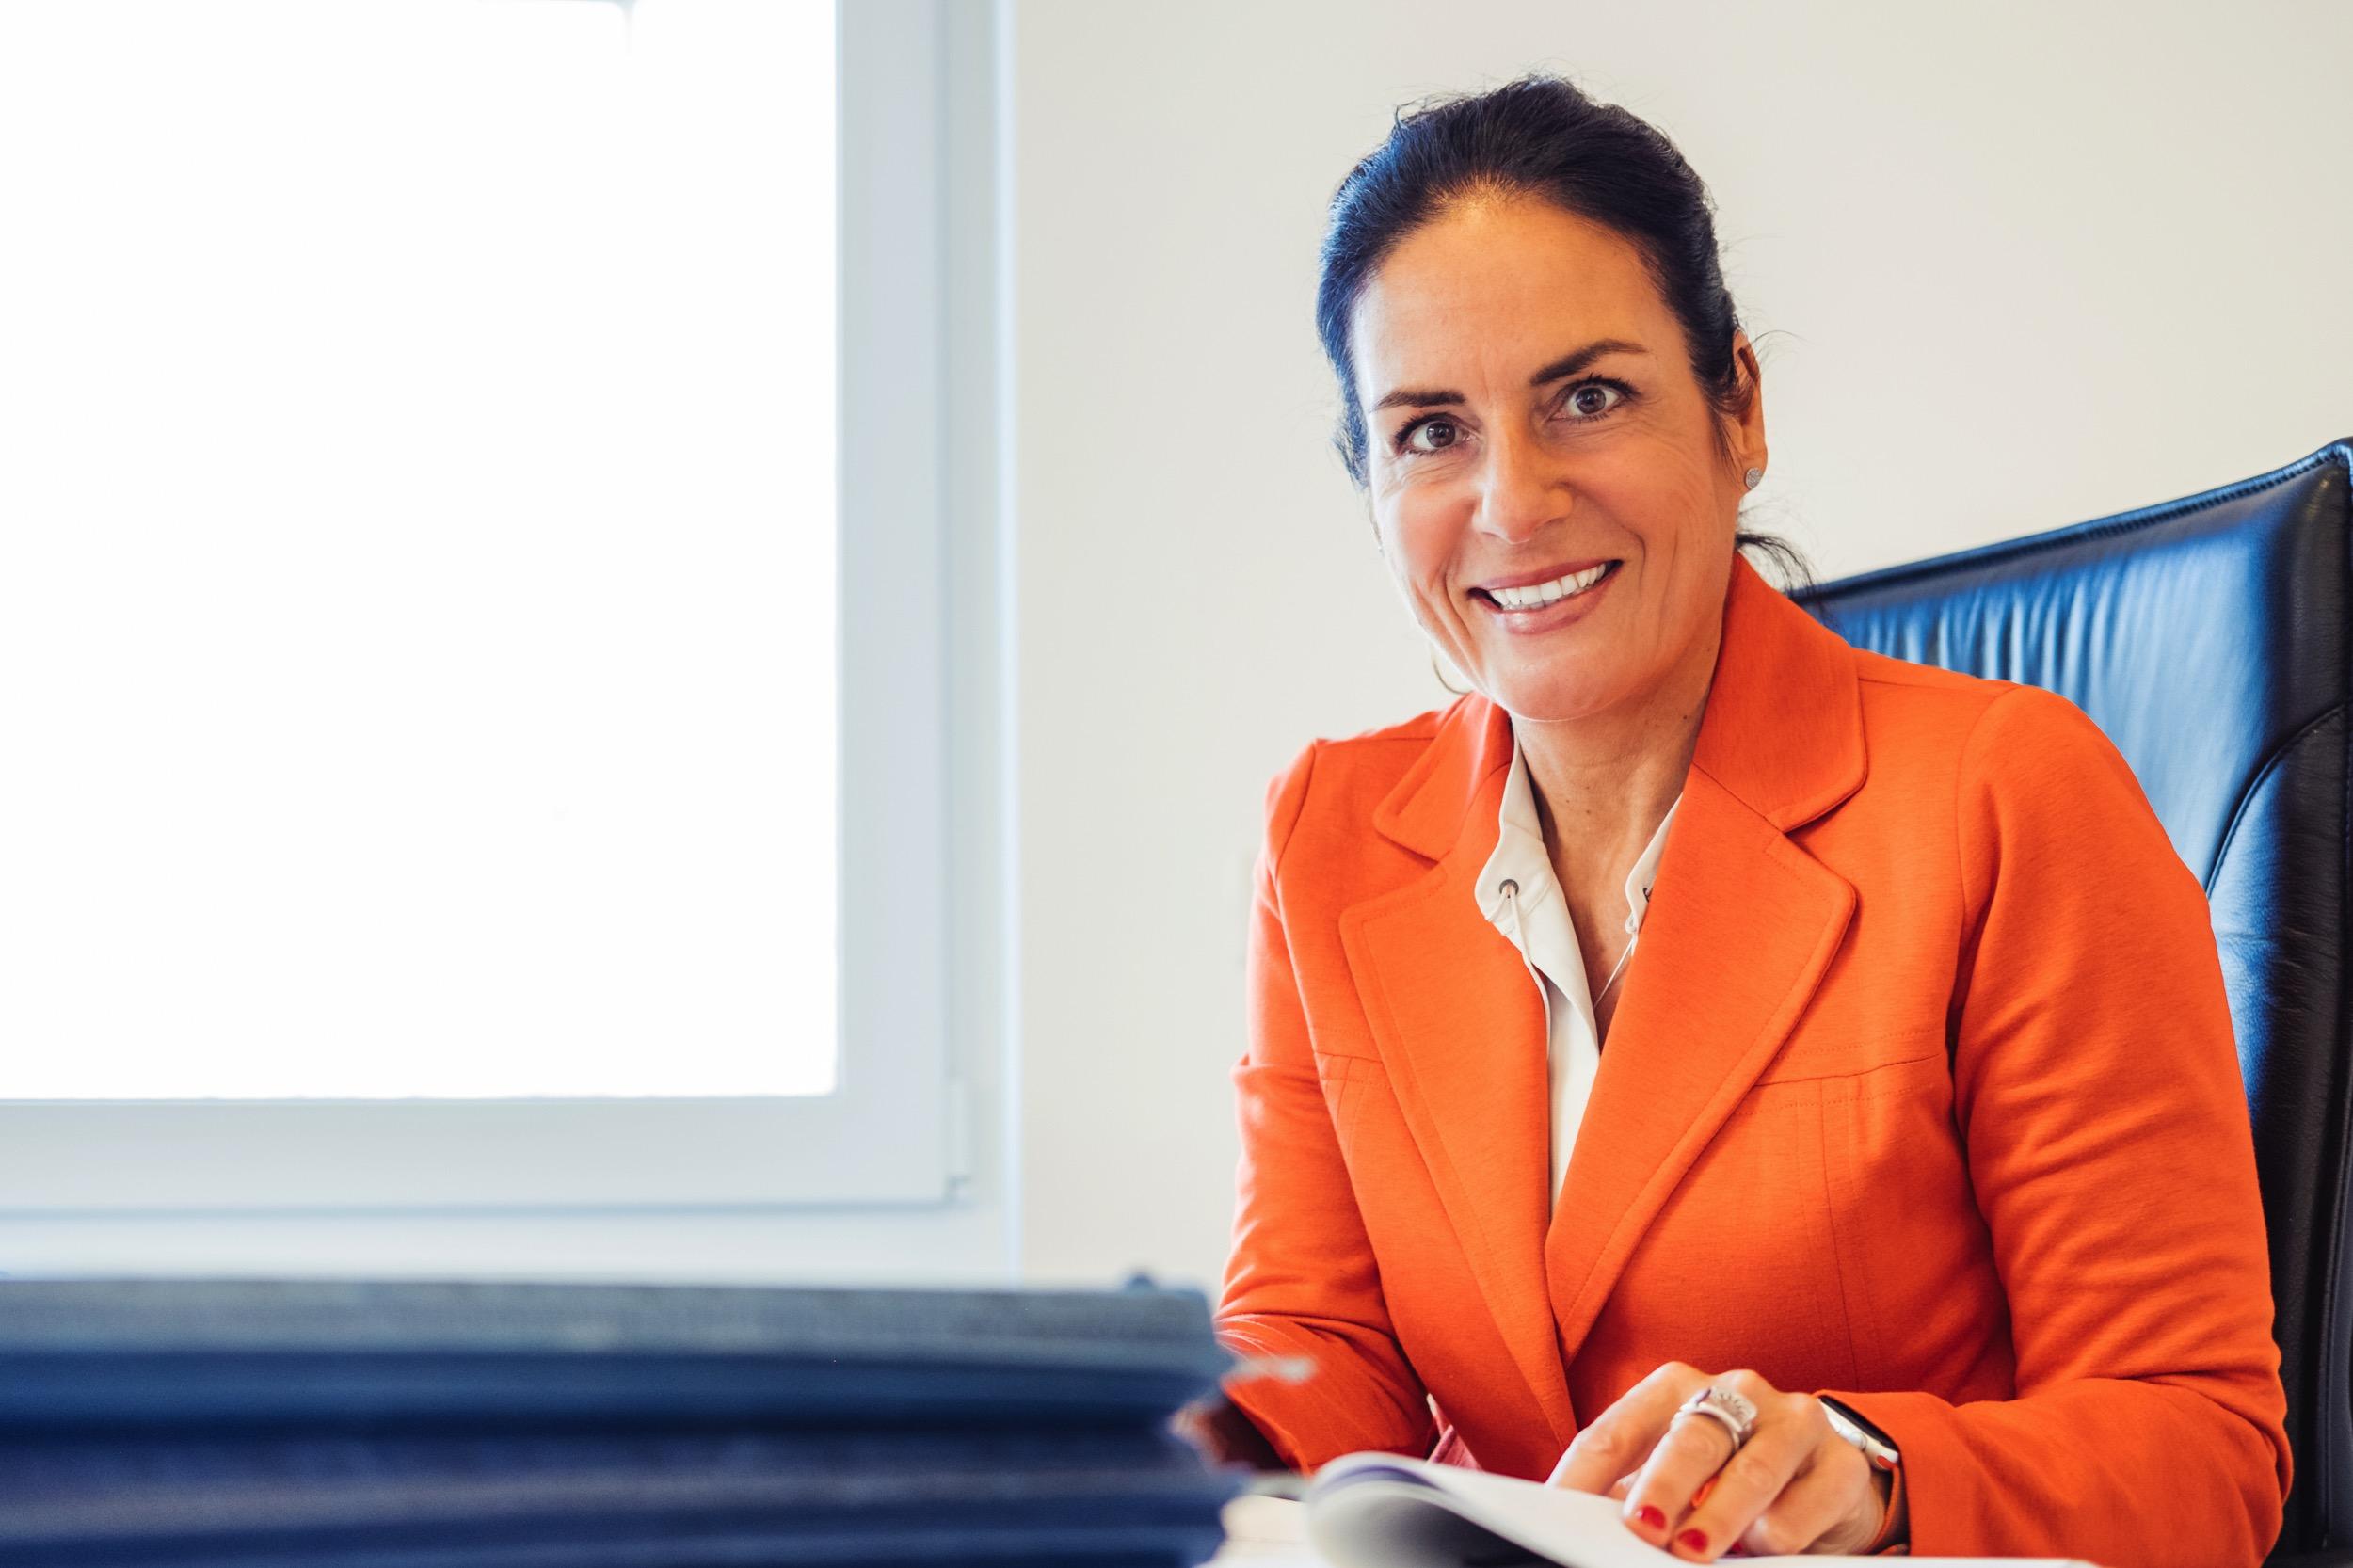 Manuela Reibold-Rolinger